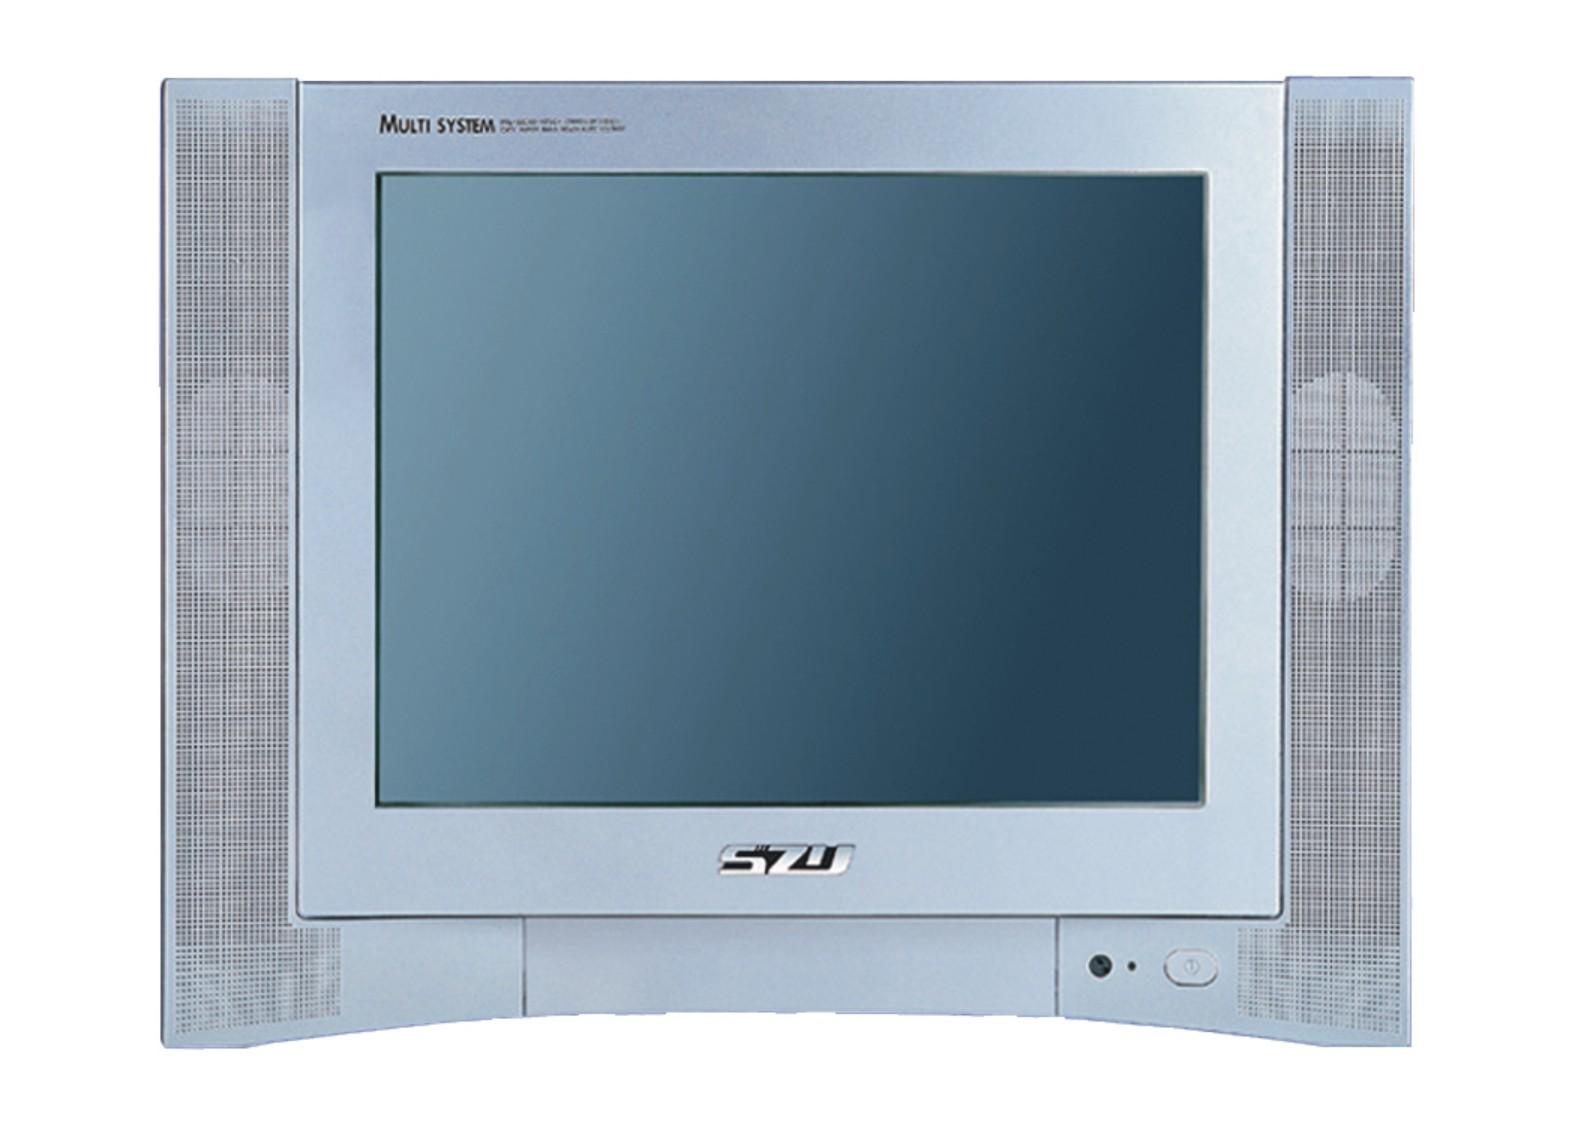 供应crt电视机